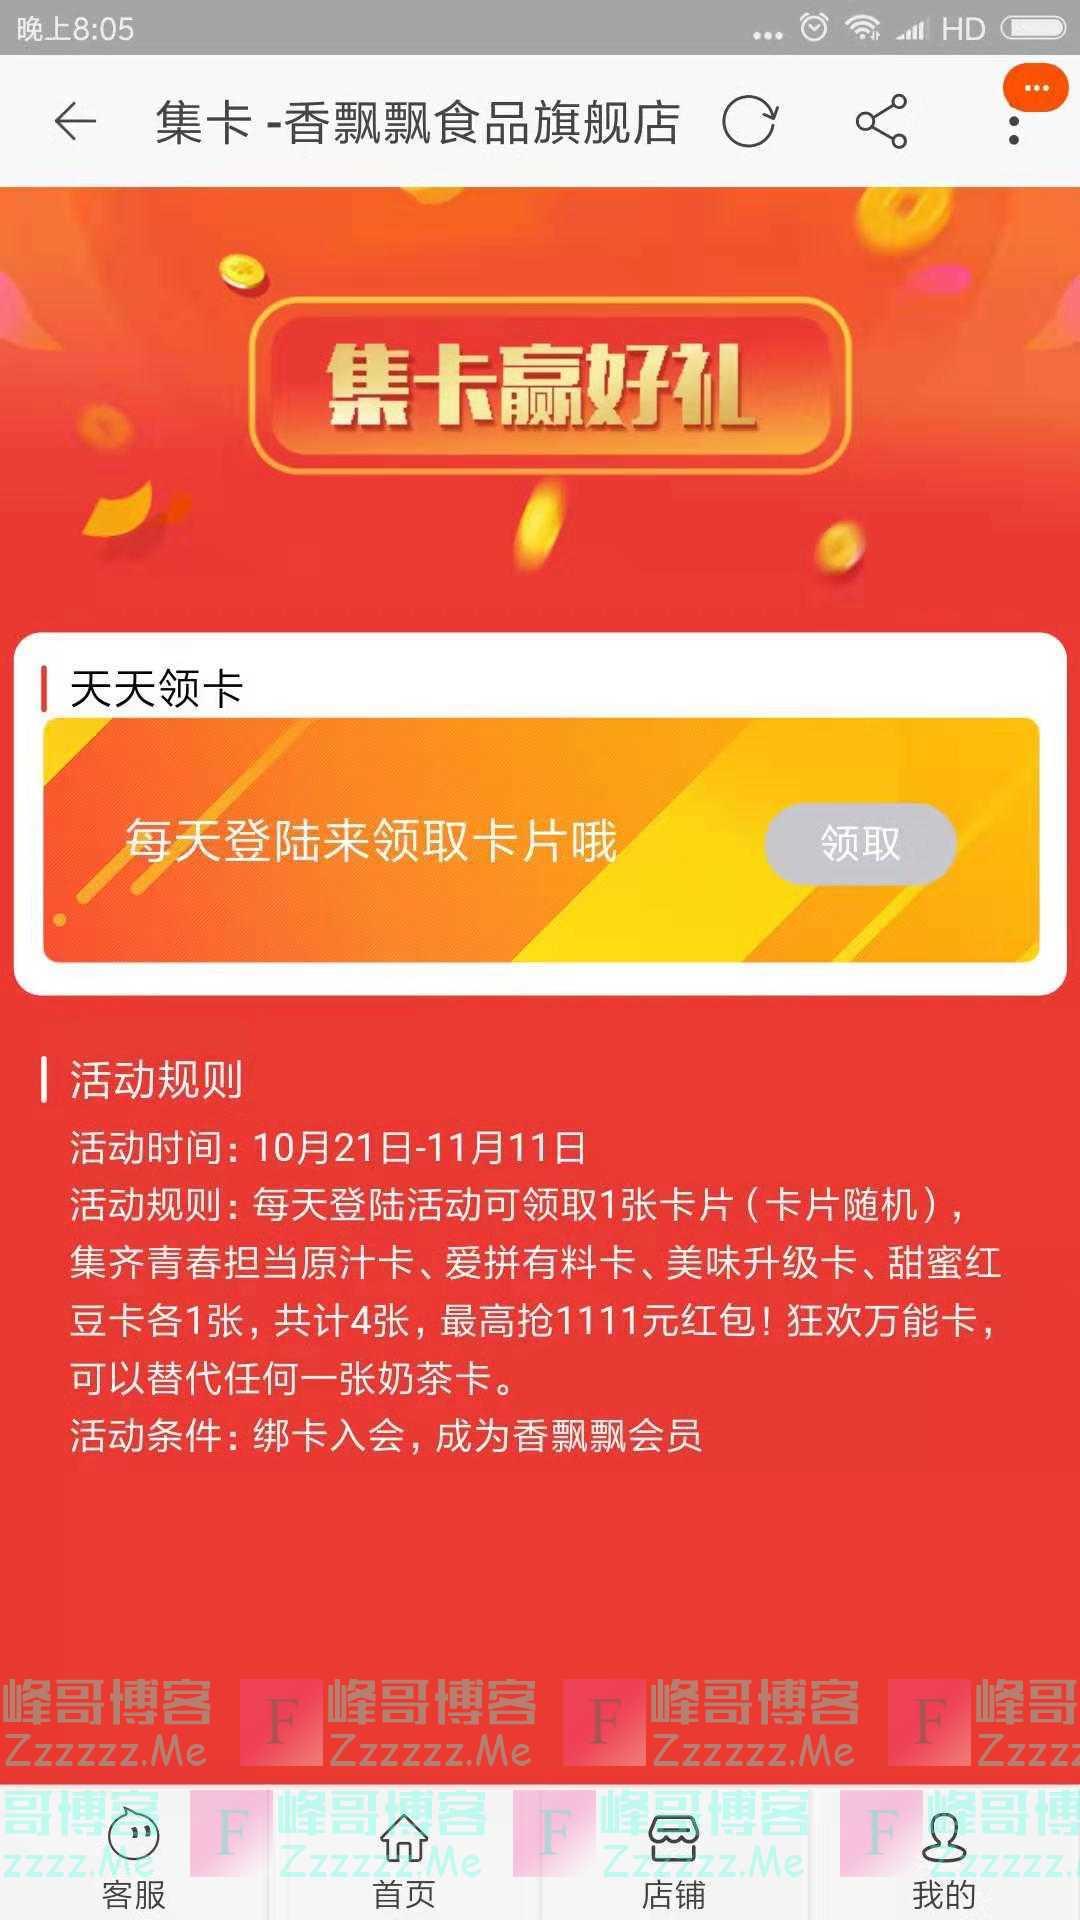 香飘飘集小卡 赢大礼(截止11月11日)